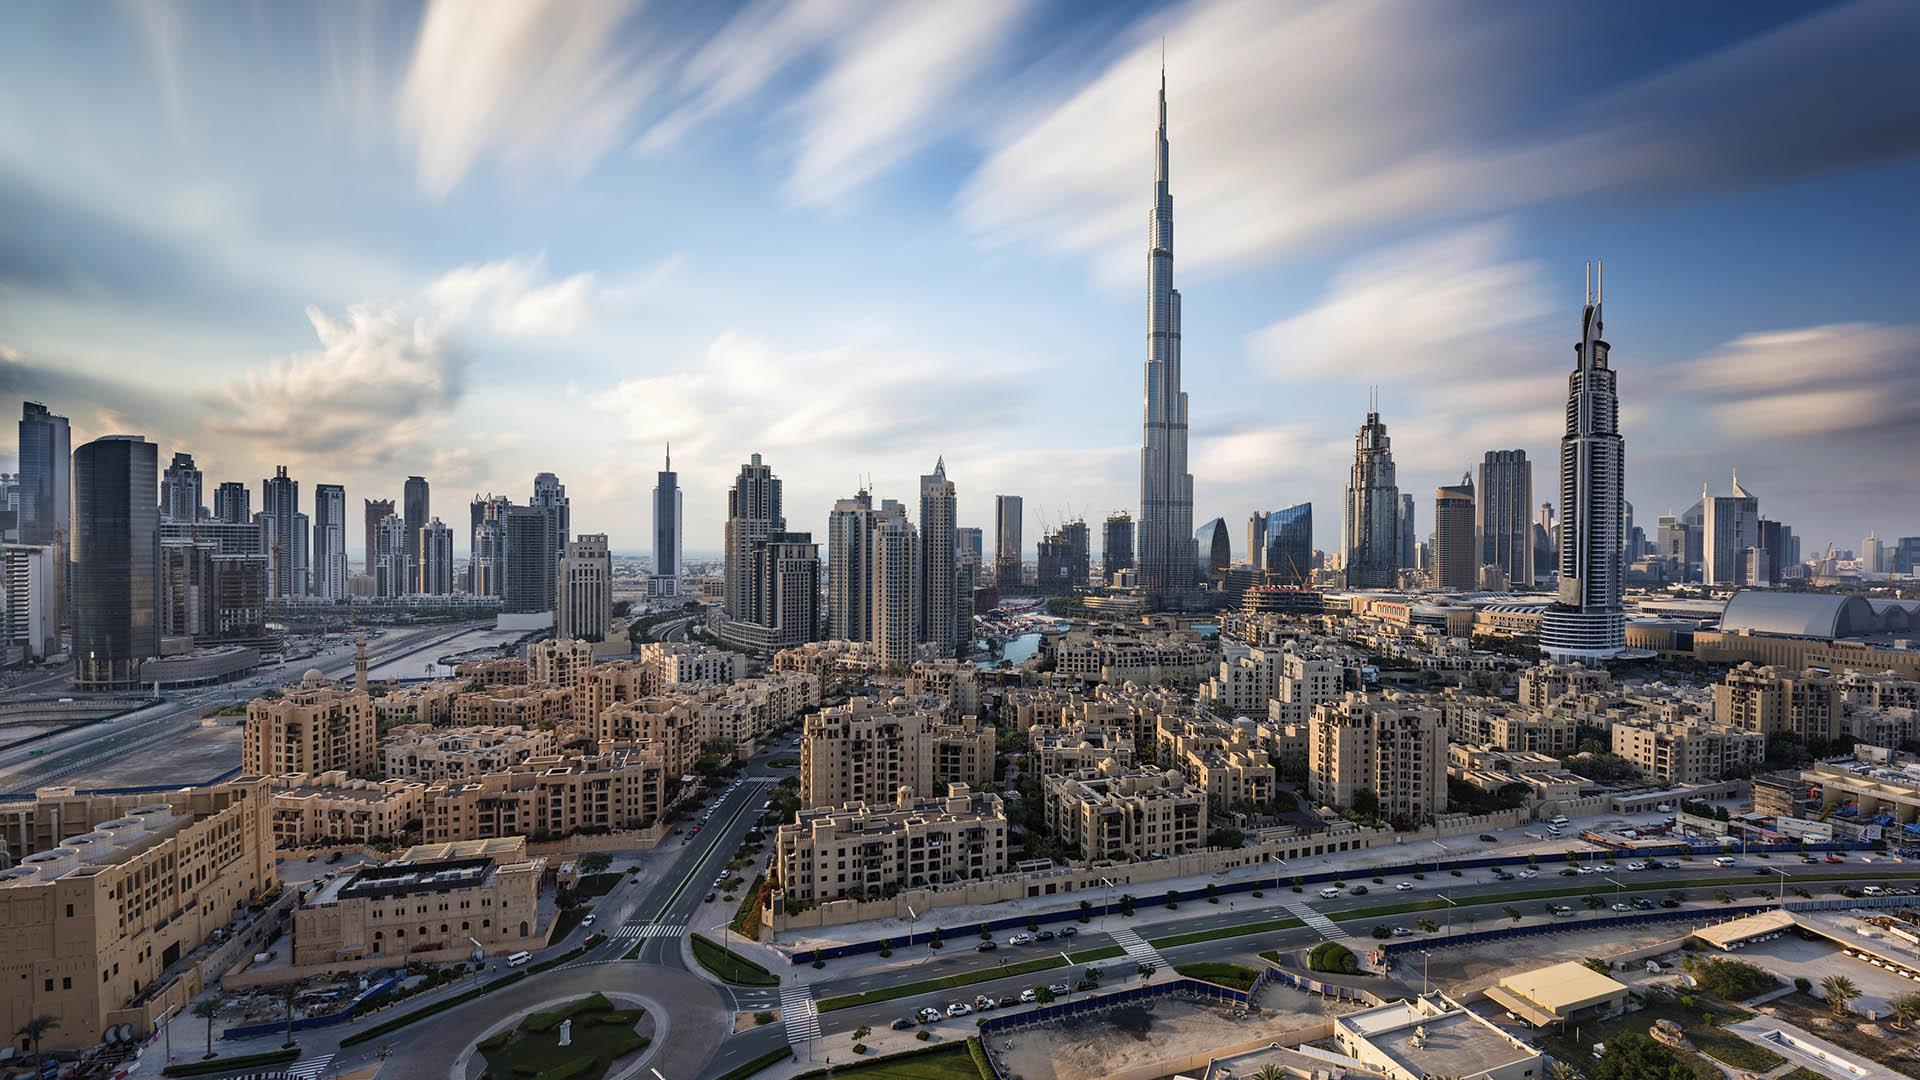 Burj Khalifa - 12